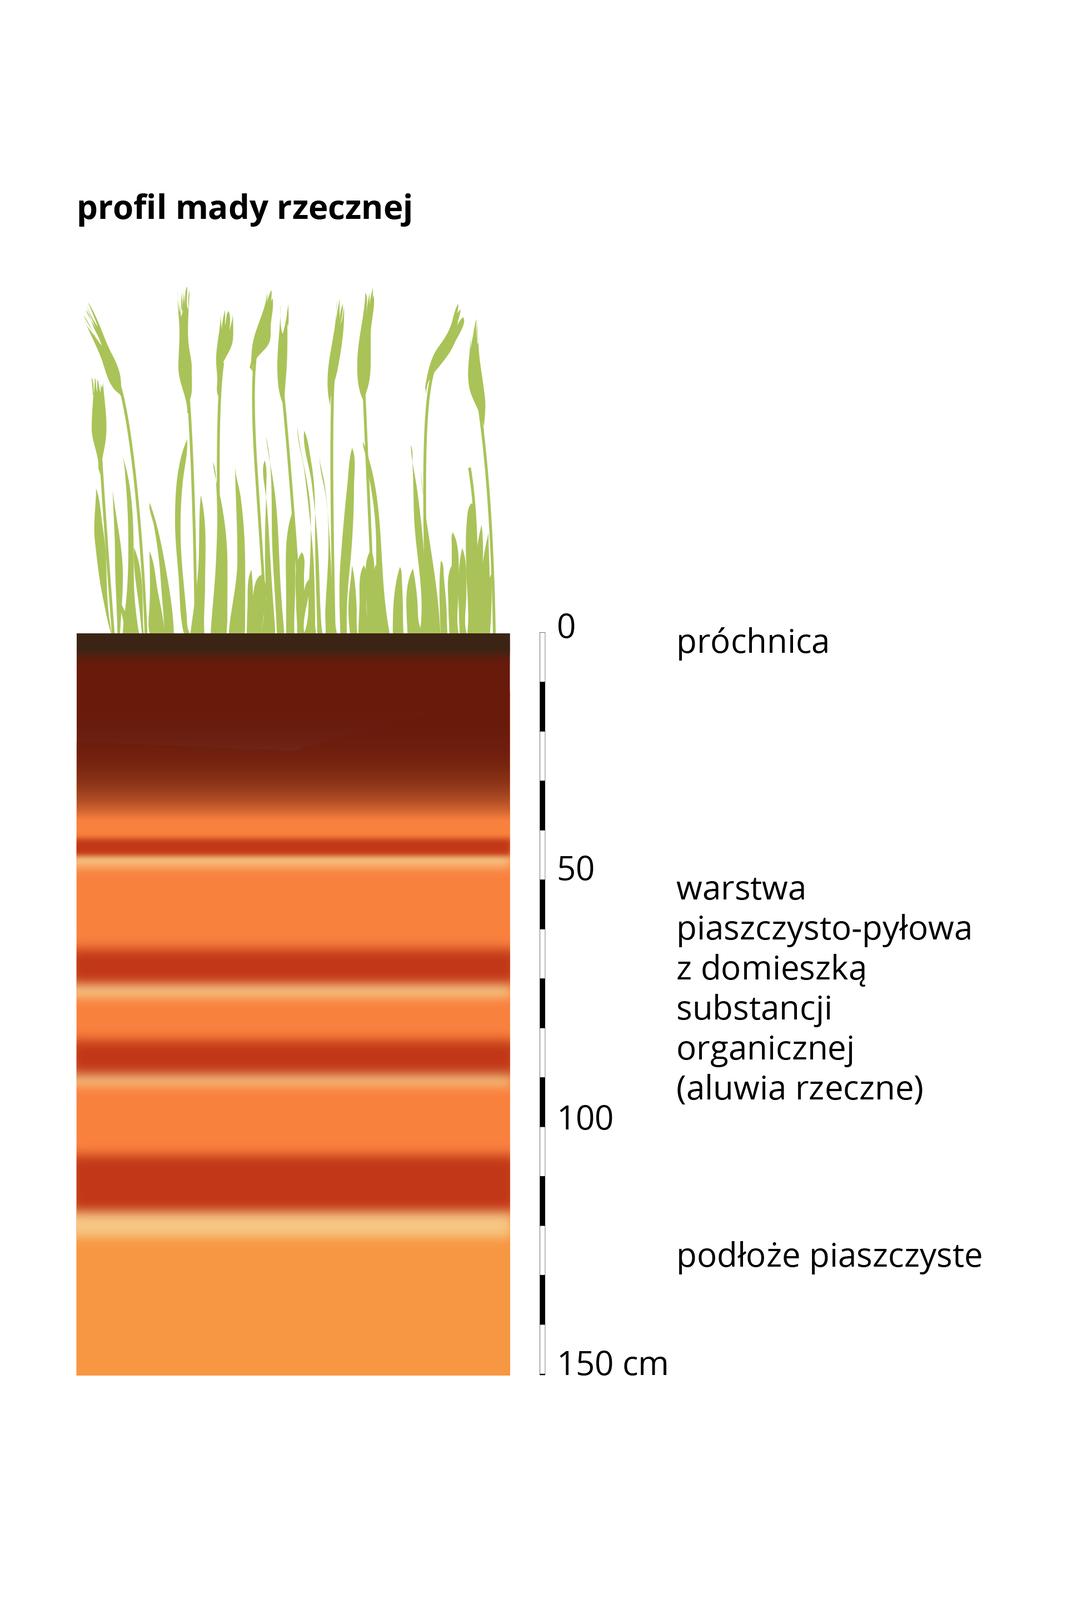 Prostokątny pas – przekrój profilu glebowego mady rzecznej, wktórym kolorami wodcieniach brązu ibeżu przedstawiono poszczególne warstwy gleby. Układ warstw powtarza się wielokrotnie, co świadczy owielokrotnym wylewaniu rzeki inanoszeniu kolejnej warstwy osadów rzecznych. Dolną warstwę stanowi skała macierzysta – piaski, awierzchnią warstwę stanowi próchnica. Zprawej strony umieszczono podziałkę iopisano wysokość wcentymetrach.